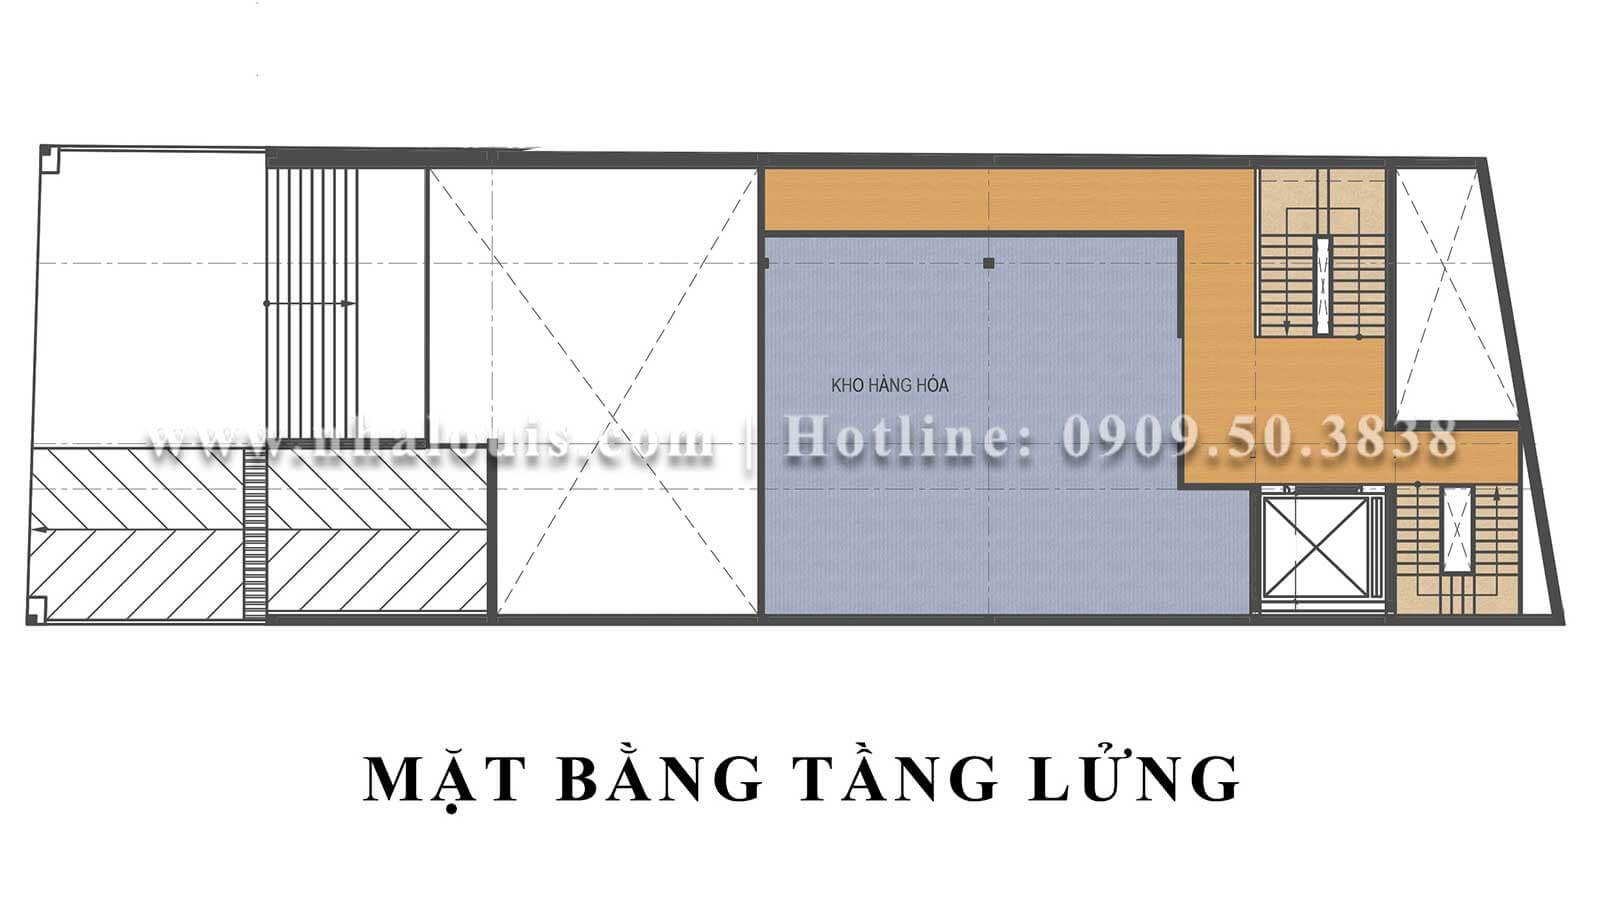 Mặt bằng tầng lửng Mẫu thiết kế phòng gym chuẩn hiện đại tại Quận 9 - 04